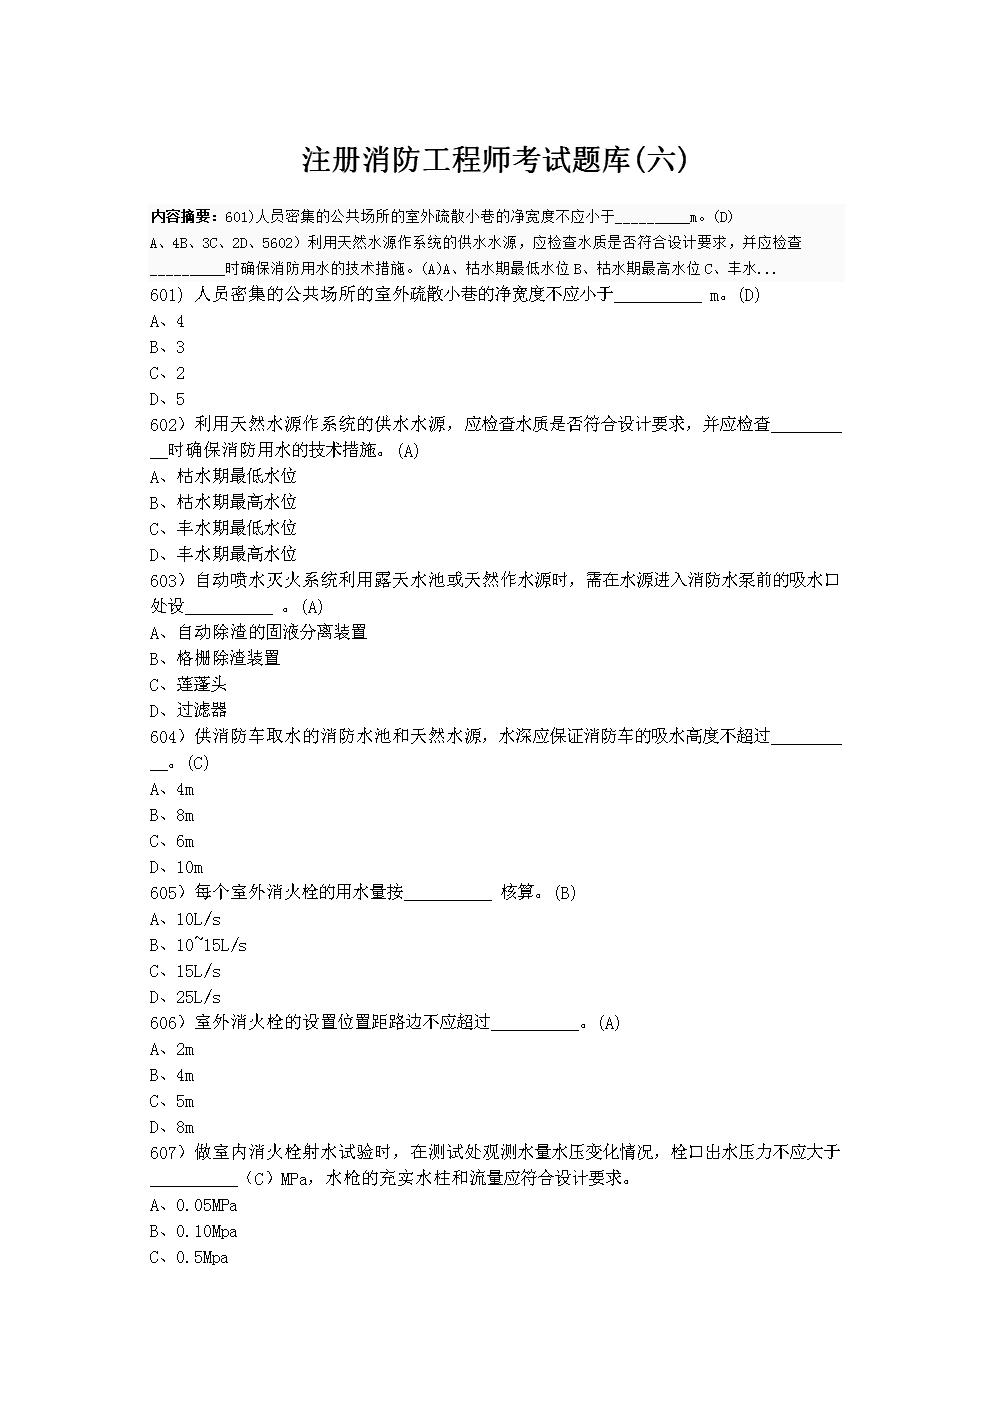 注册消防工程师考试题库(六).doc